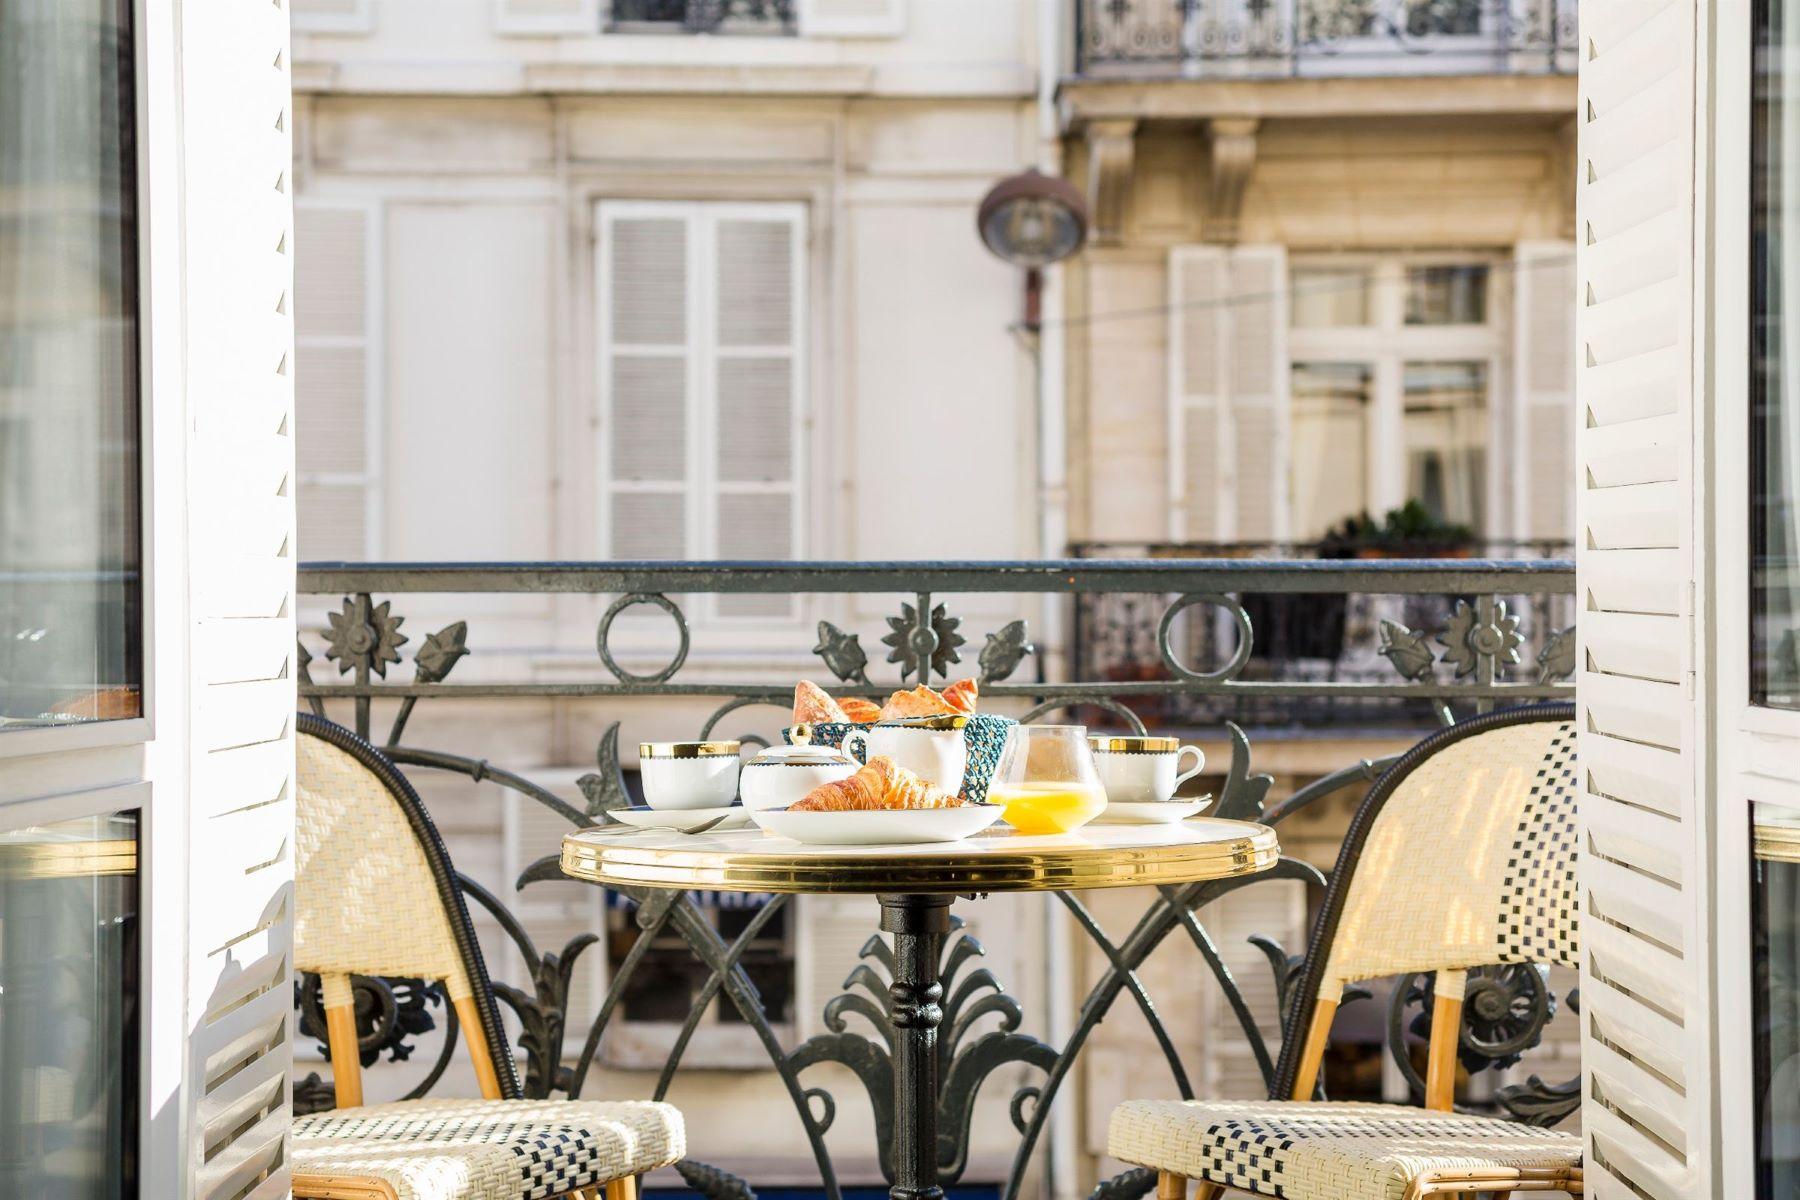 Apartamento para Venda às Prestigious apartment for sale, Paris 6 - St Germain des Près, 2 bedrooms Paris, Ile-De-France, 75006 França